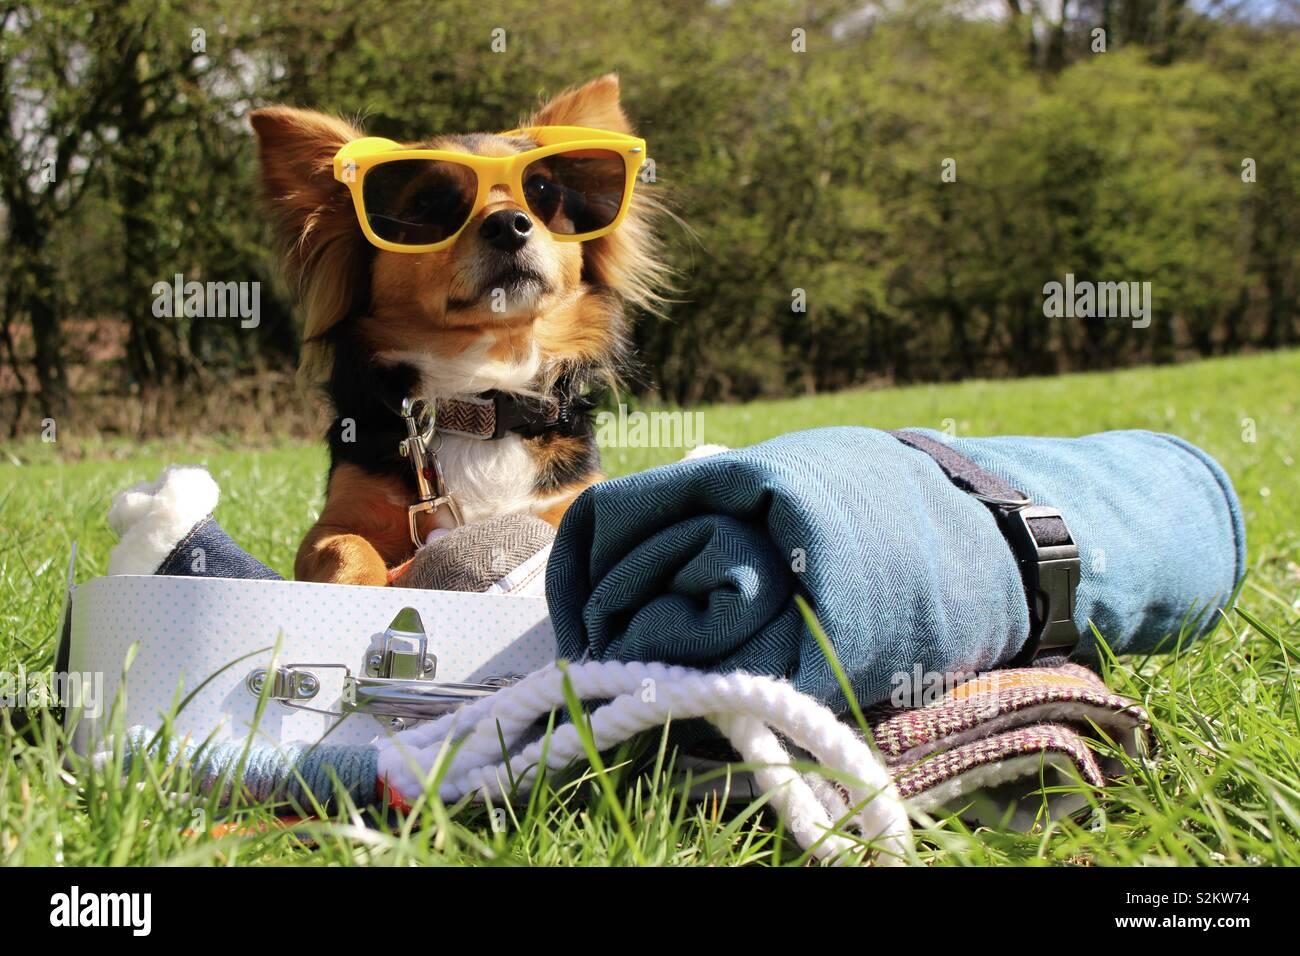 Perro de verano con gafas de sol y maleta Foto de stock